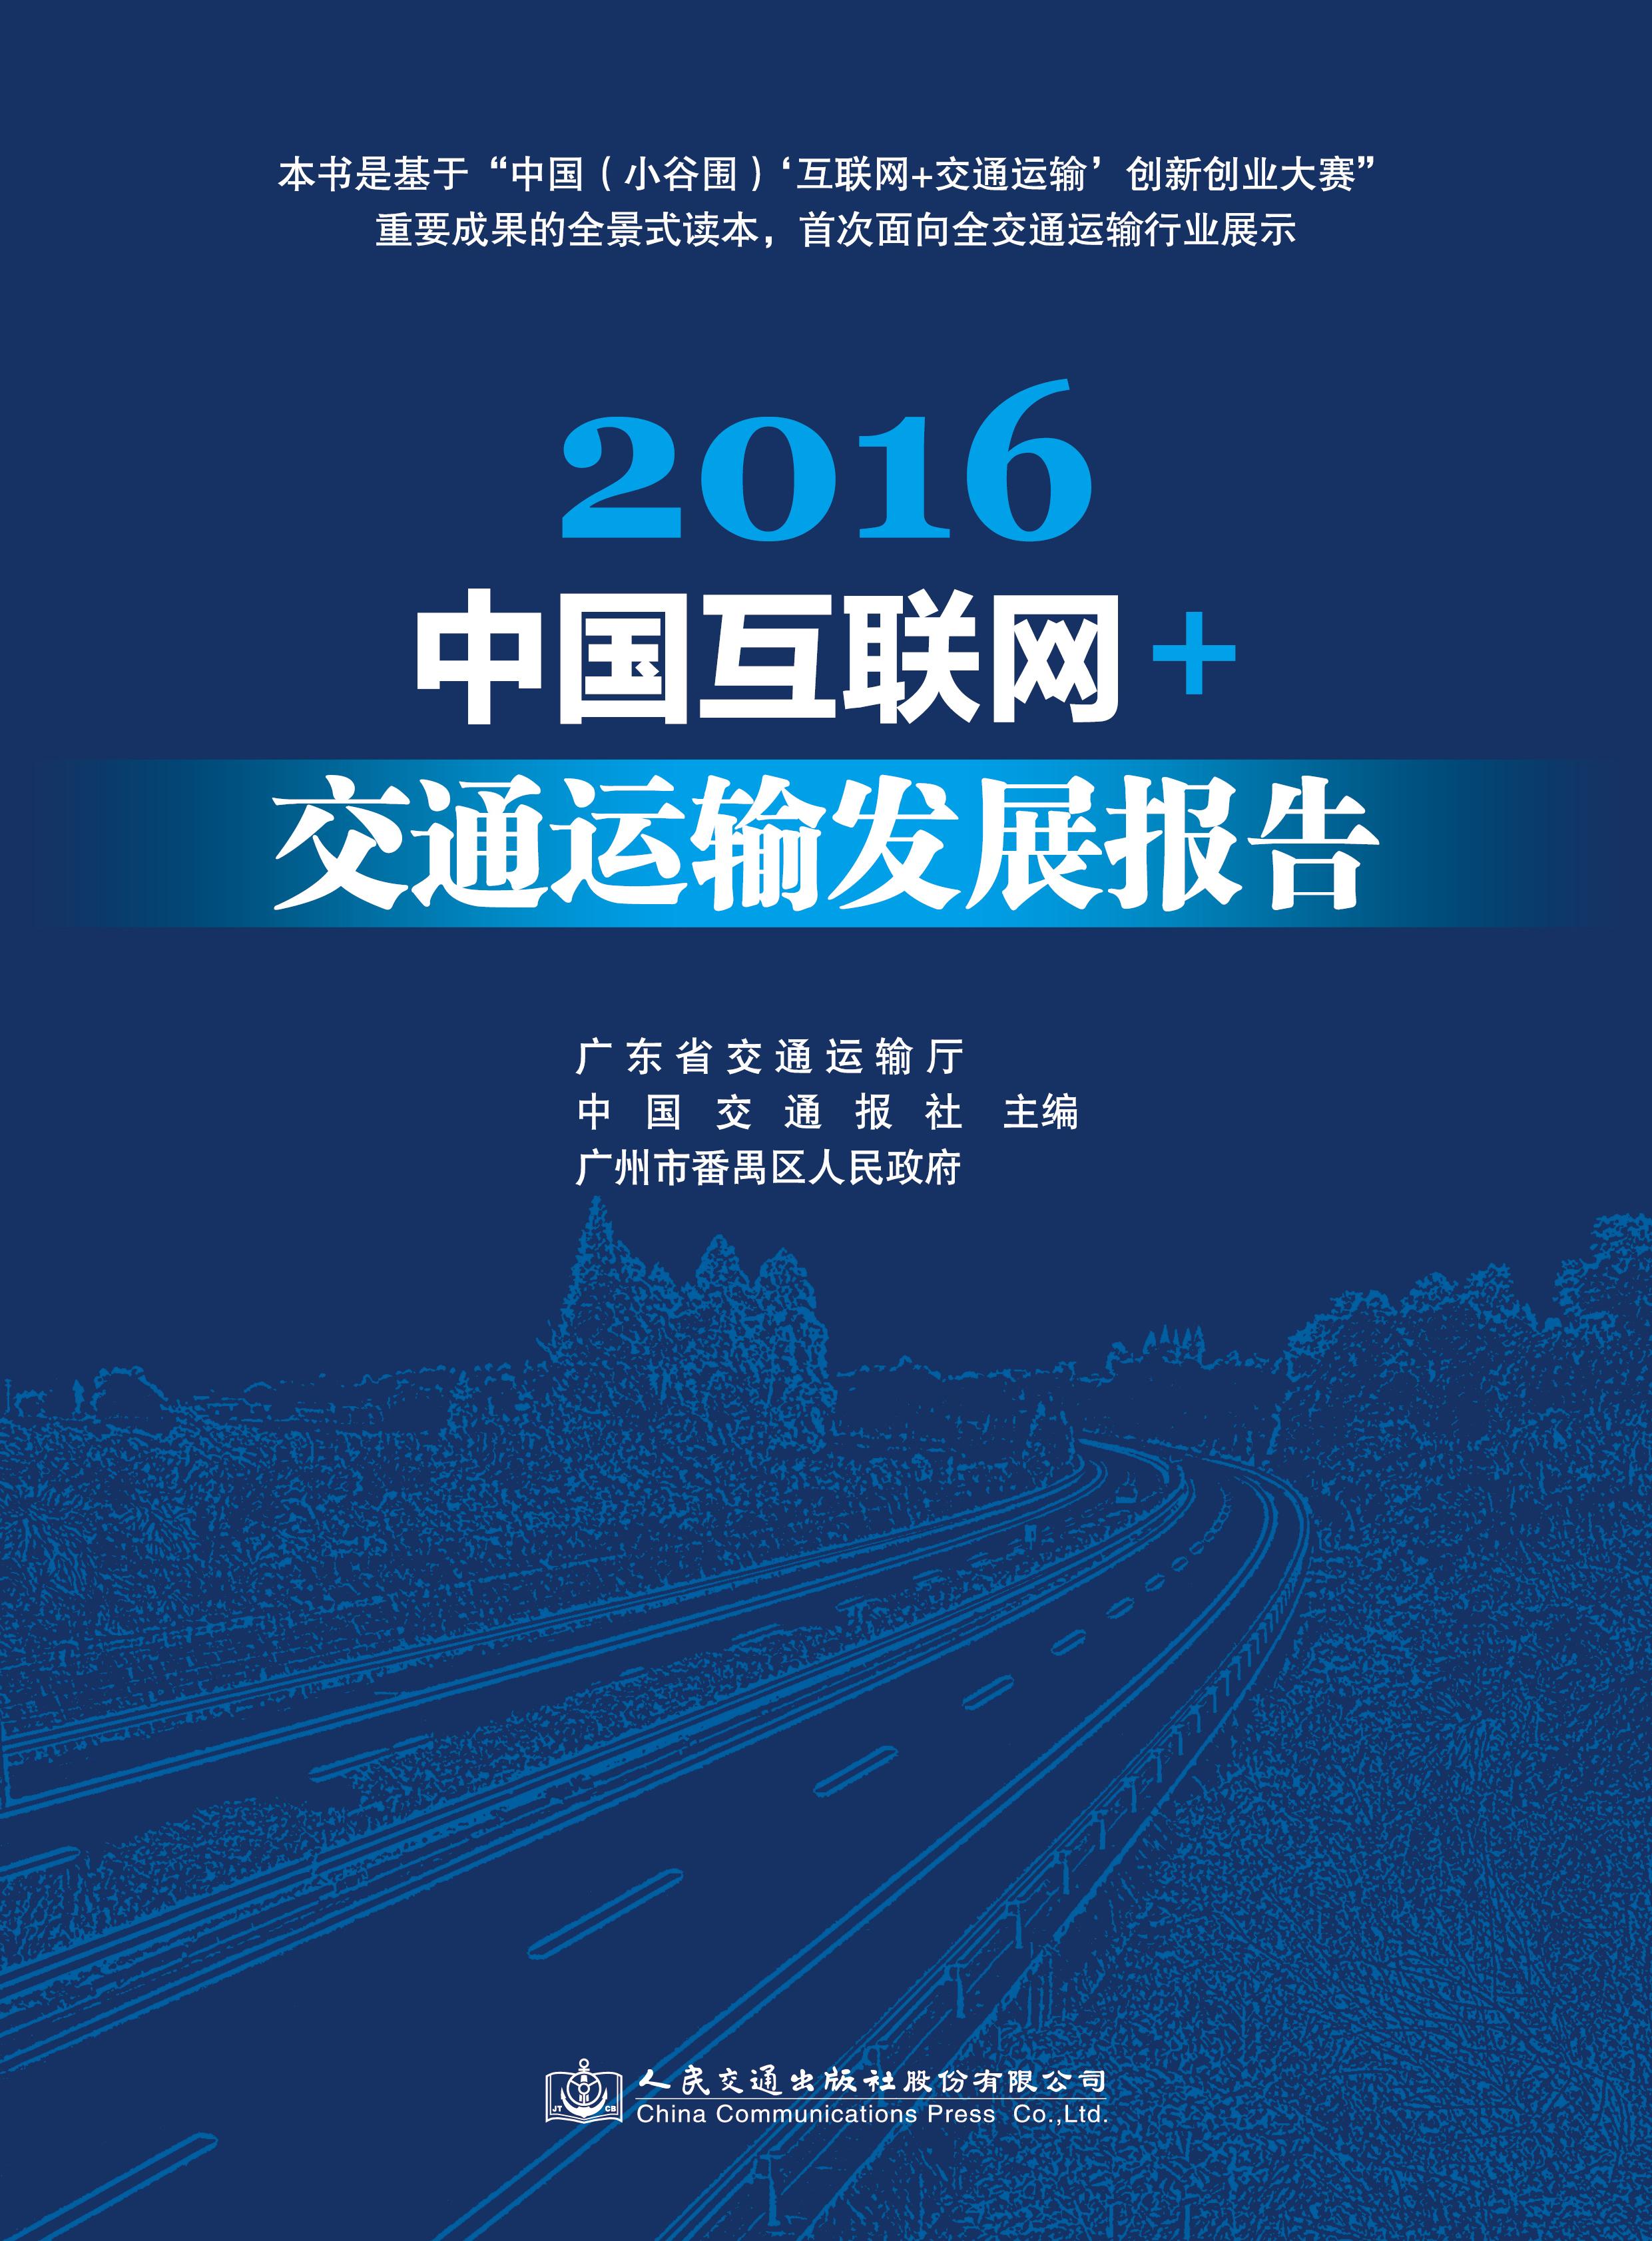 2016中国互联网+交通运输发展报告